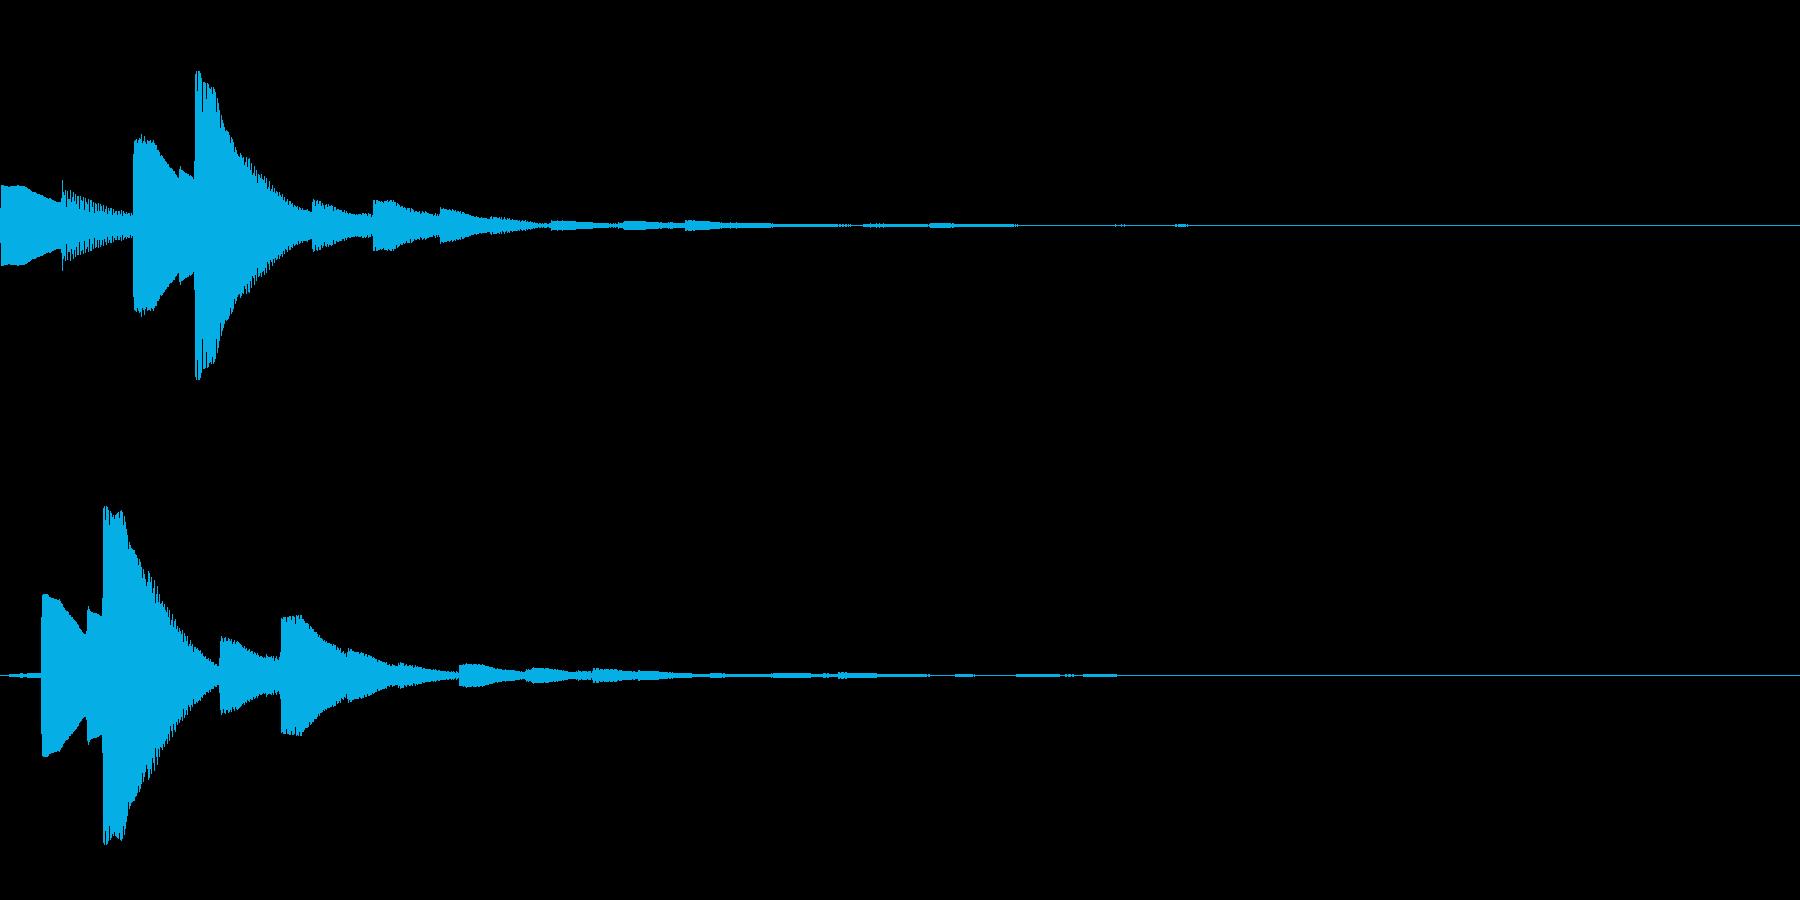 システム音21_シンセDZの再生済みの波形